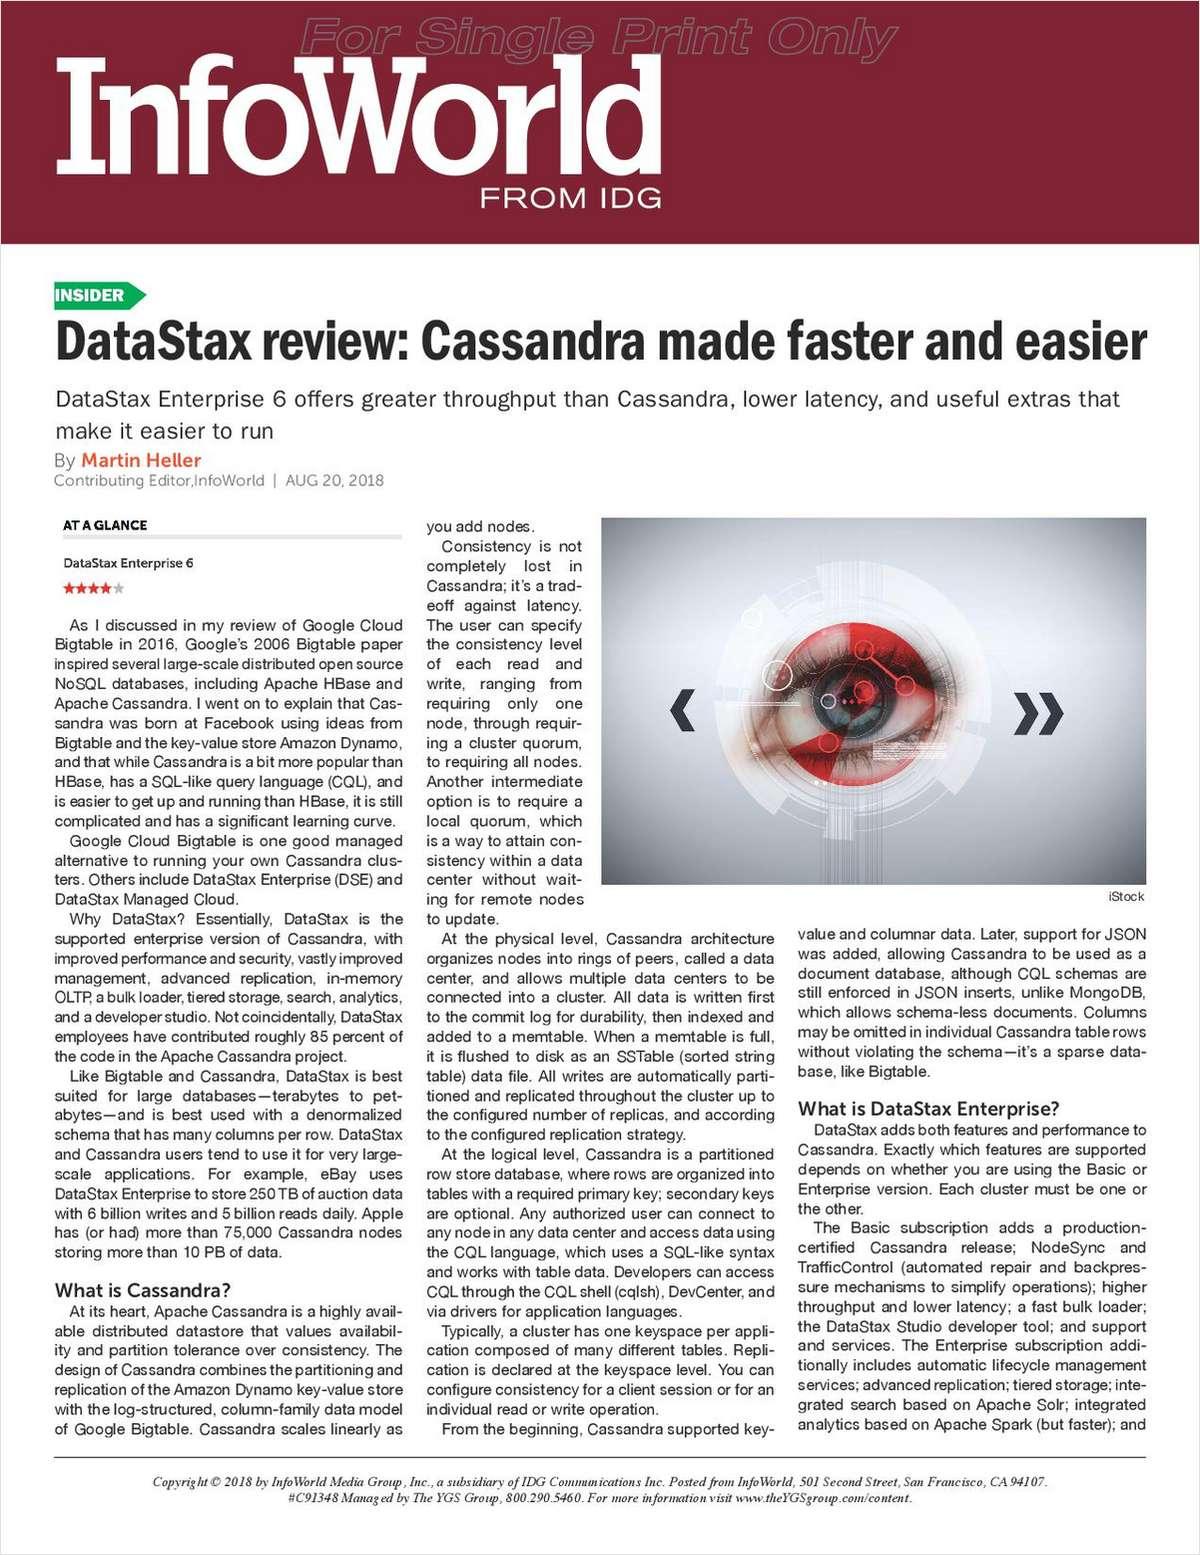 InfoWorld Article: Apache Cassandra Made Faster & Easier